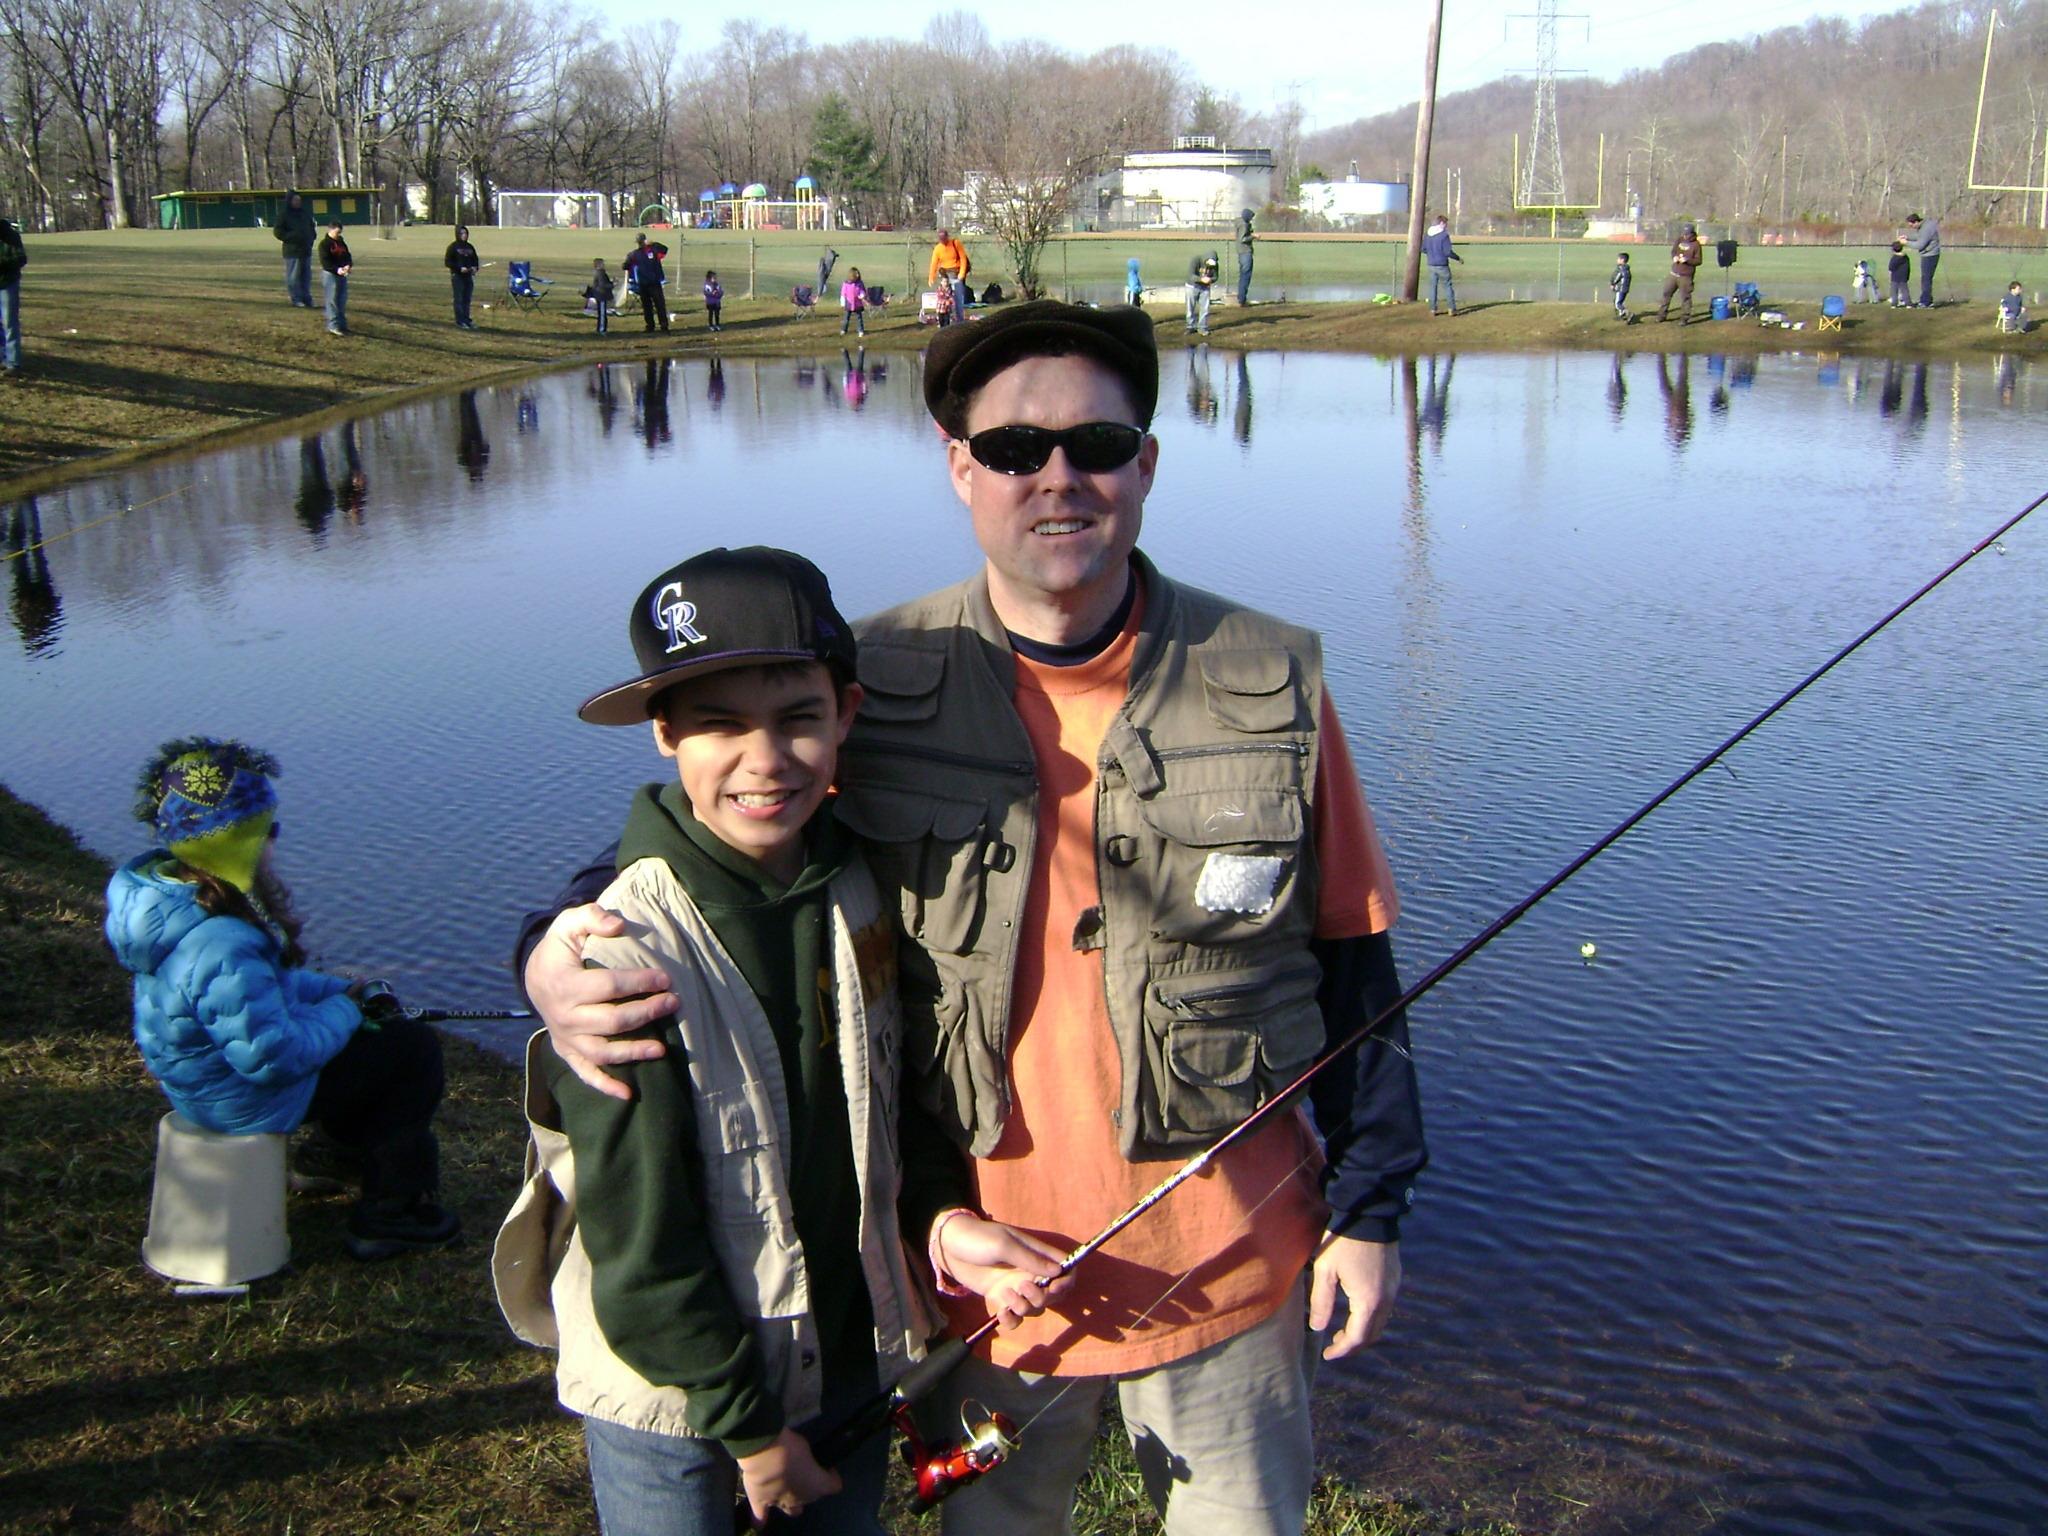 61b203d99e02f2e56e05_fishing6.jpg